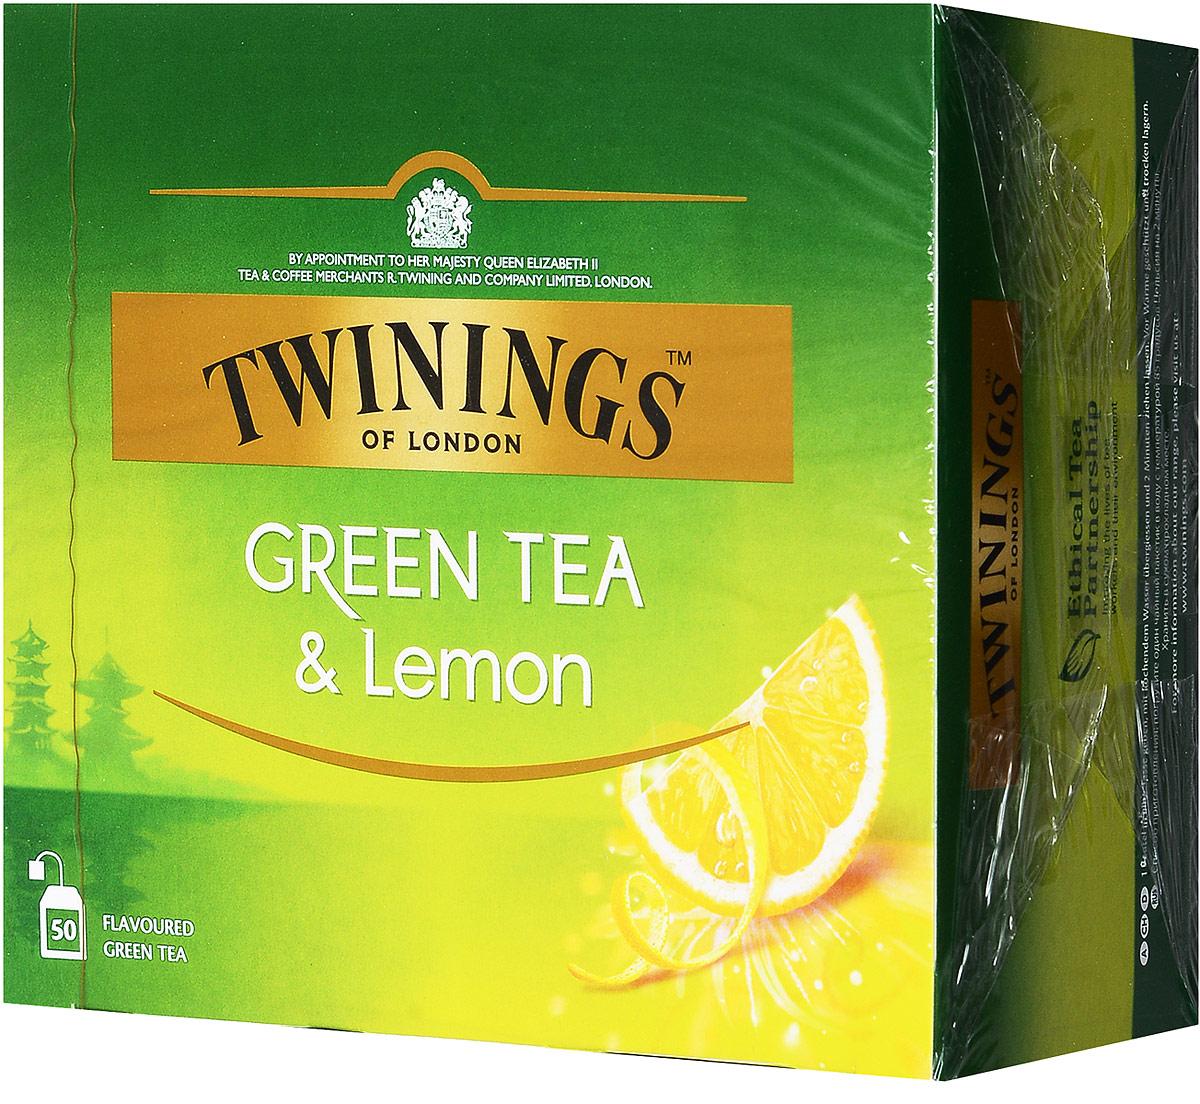 Twinings Green Tea & Lemon зелёный чай с цедрой лимона в пакетиках, 50 шт101246Twinings Green Tea & Lemon - уникальная смесь зеленого чая с добавлением лимонной цедры. Неповторимый вкус этого чая не оставит никого равнодушным.